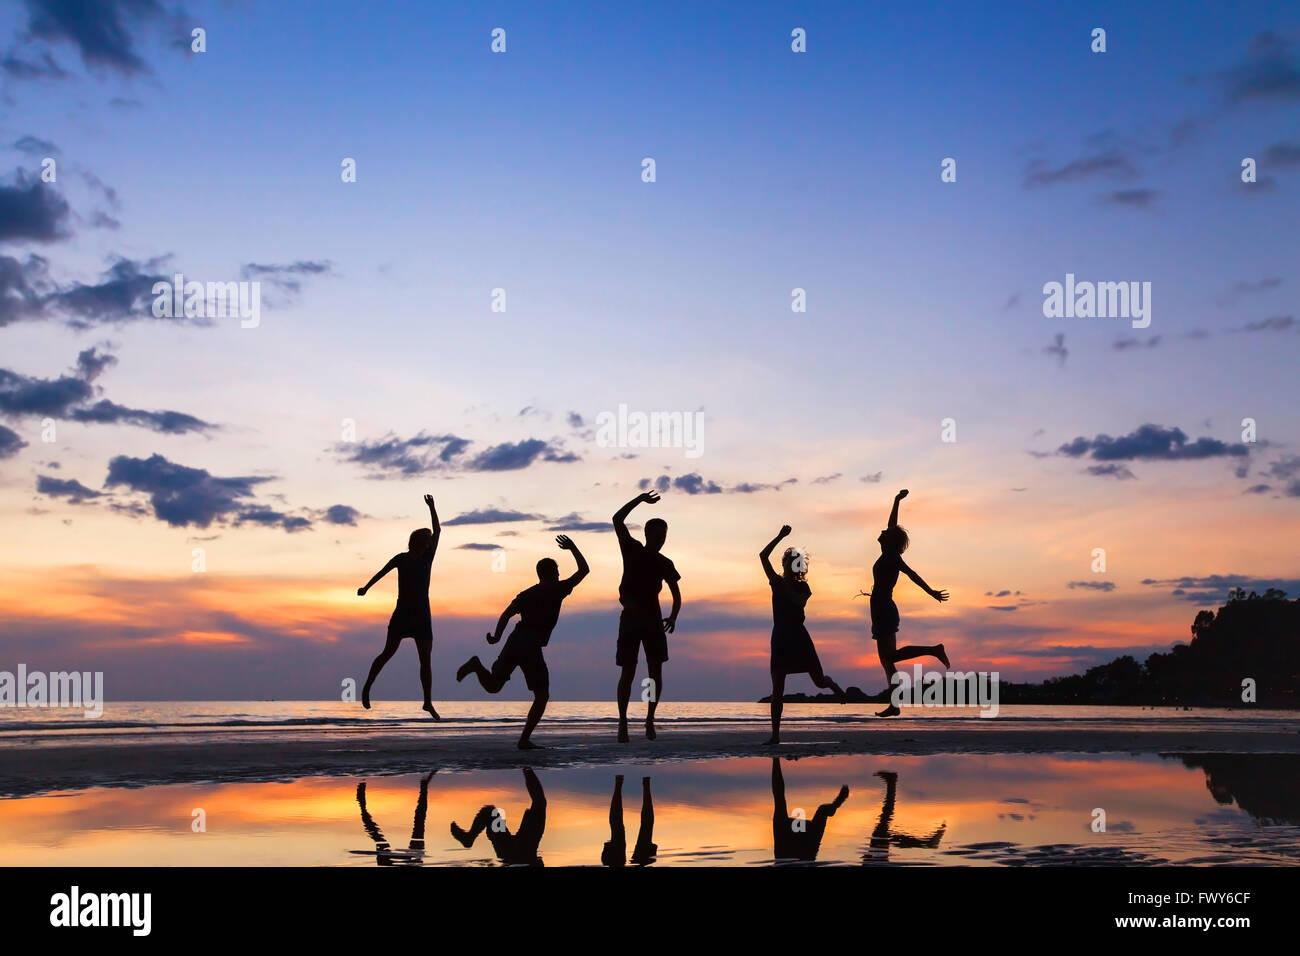 Gruppo di persone che saltano sulla spiaggia al tramonto, silhouette di amici divertendosi insieme Foto Stock